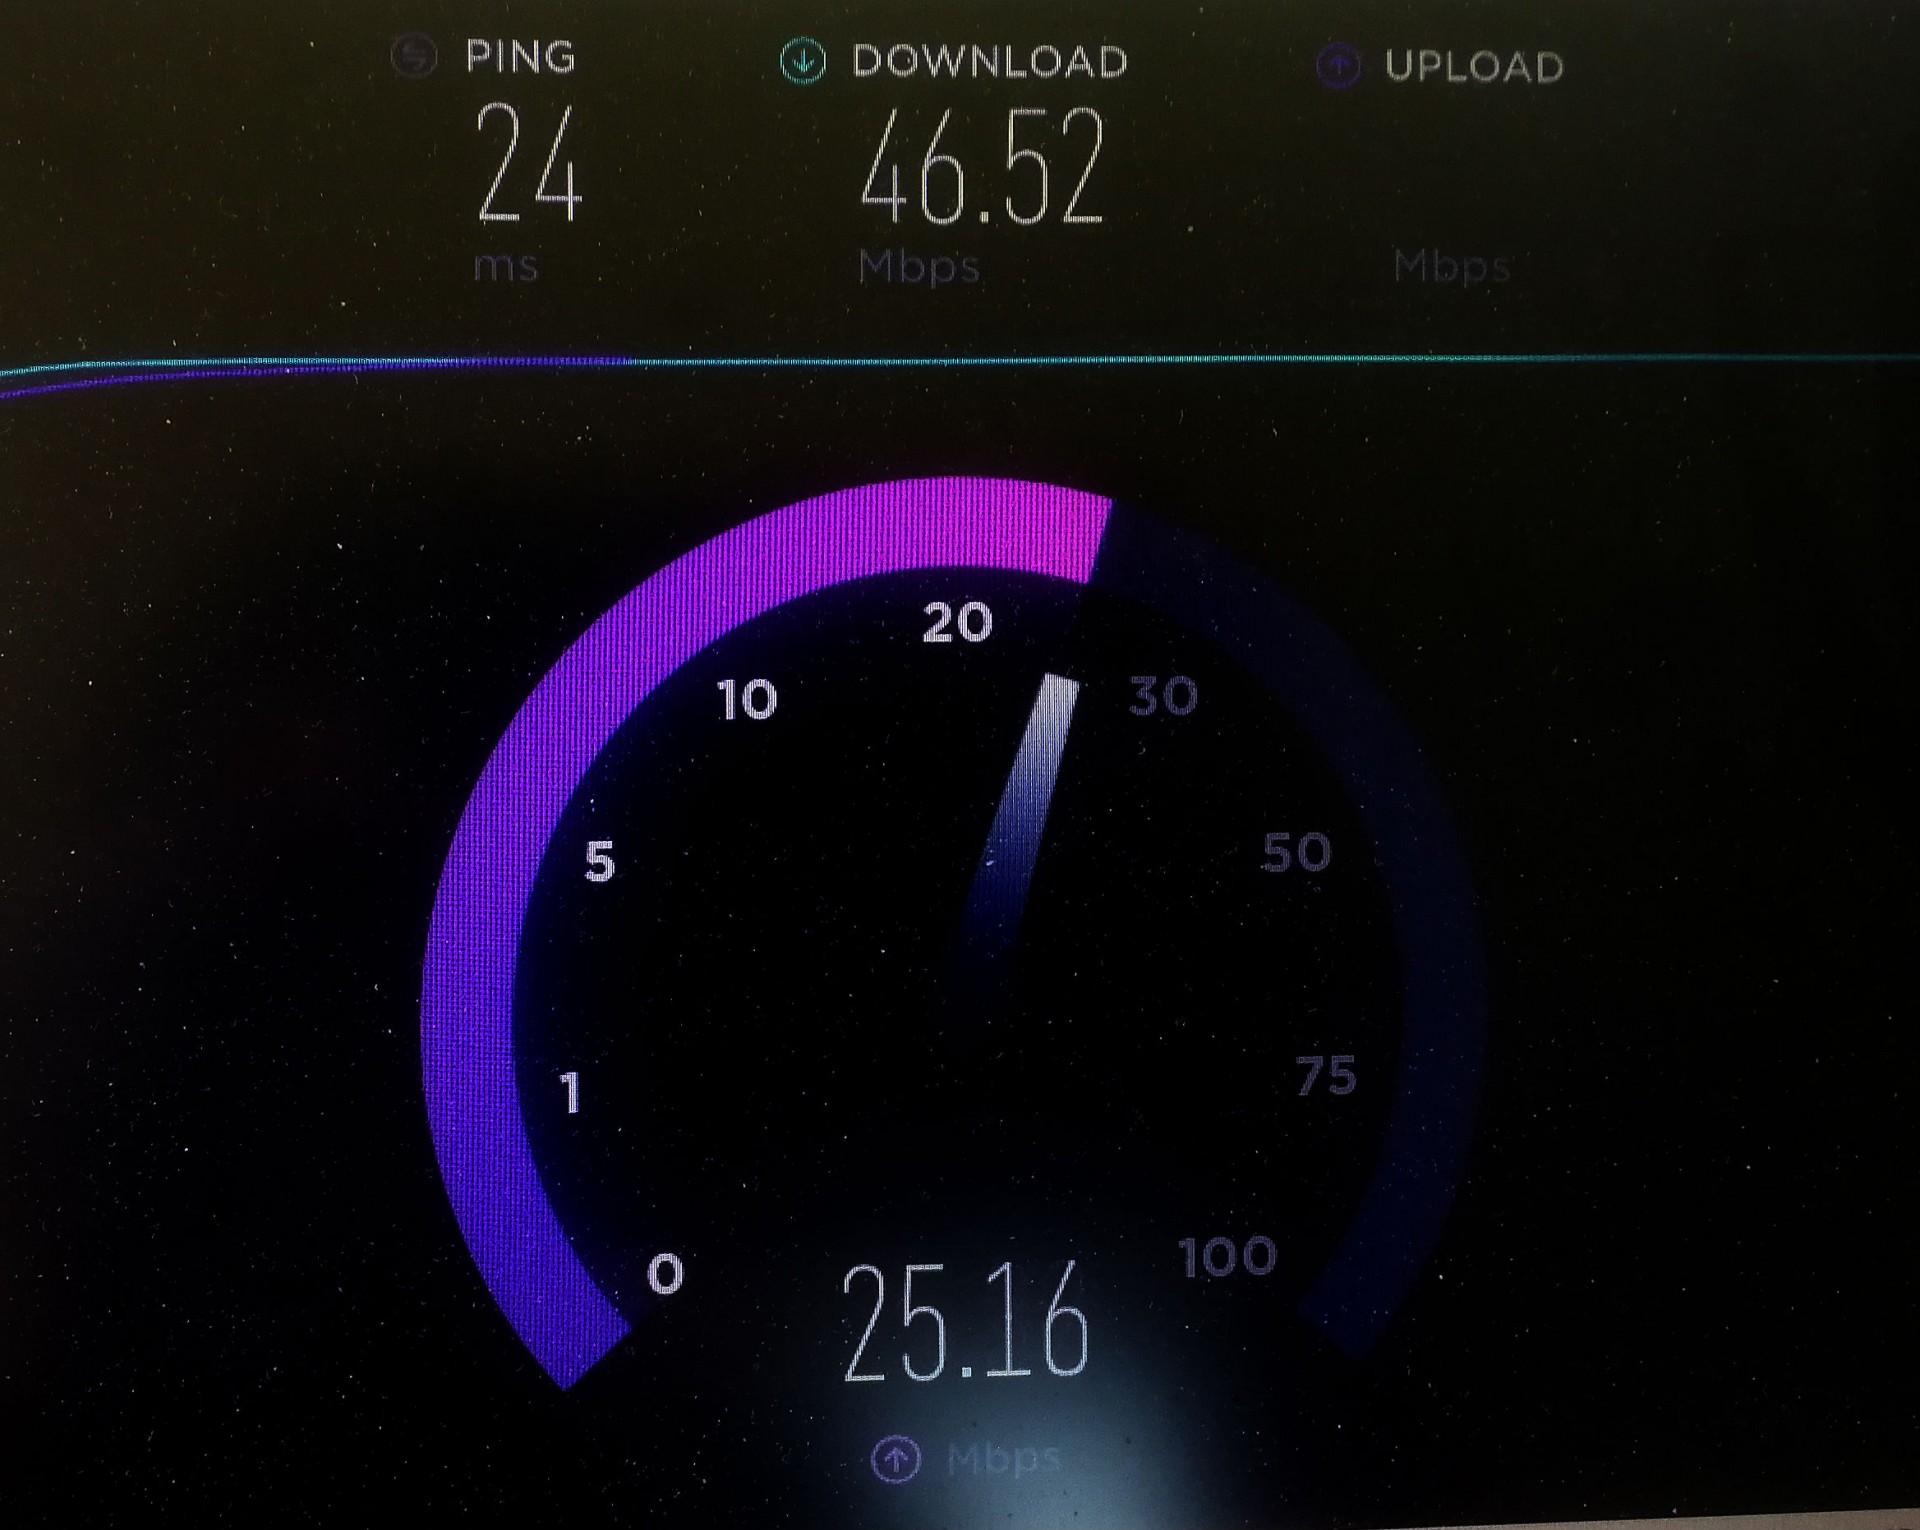 50 Megabit rychlost